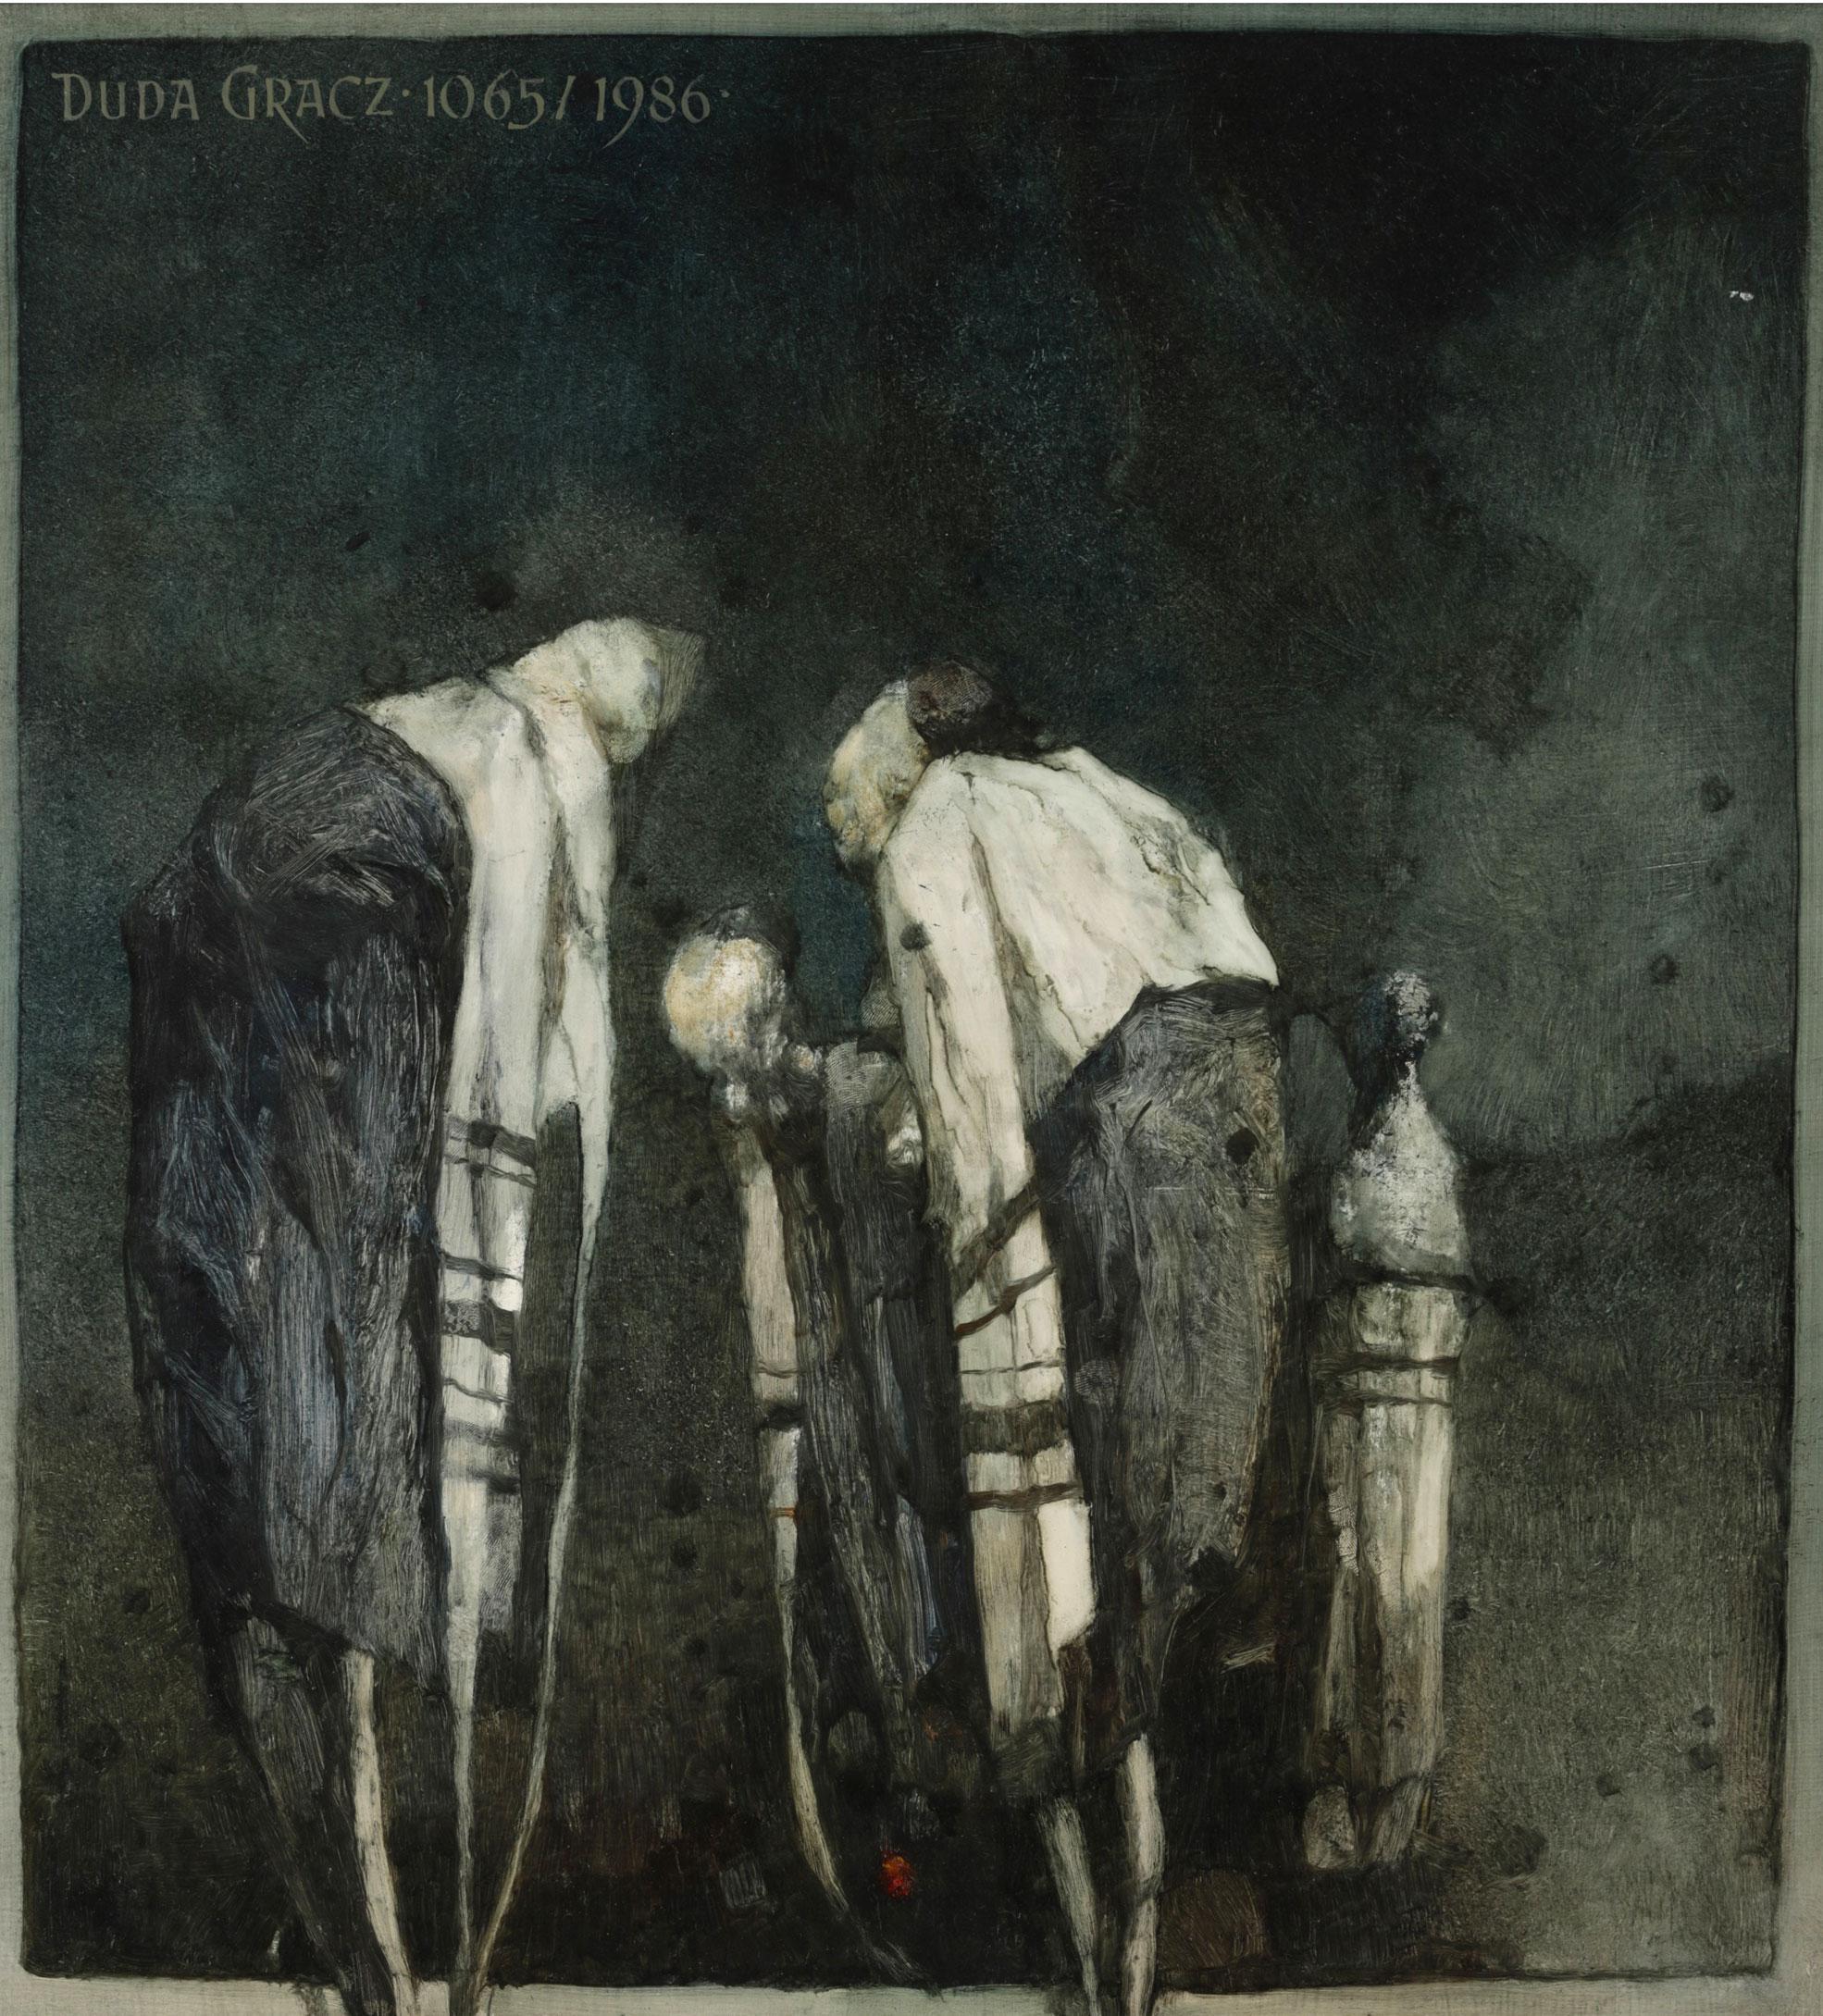 """Jerzy Duda Gracz """"Chasydzi - obraz 1065"""", 1986 rok, źródło: Chiswick Auctions"""